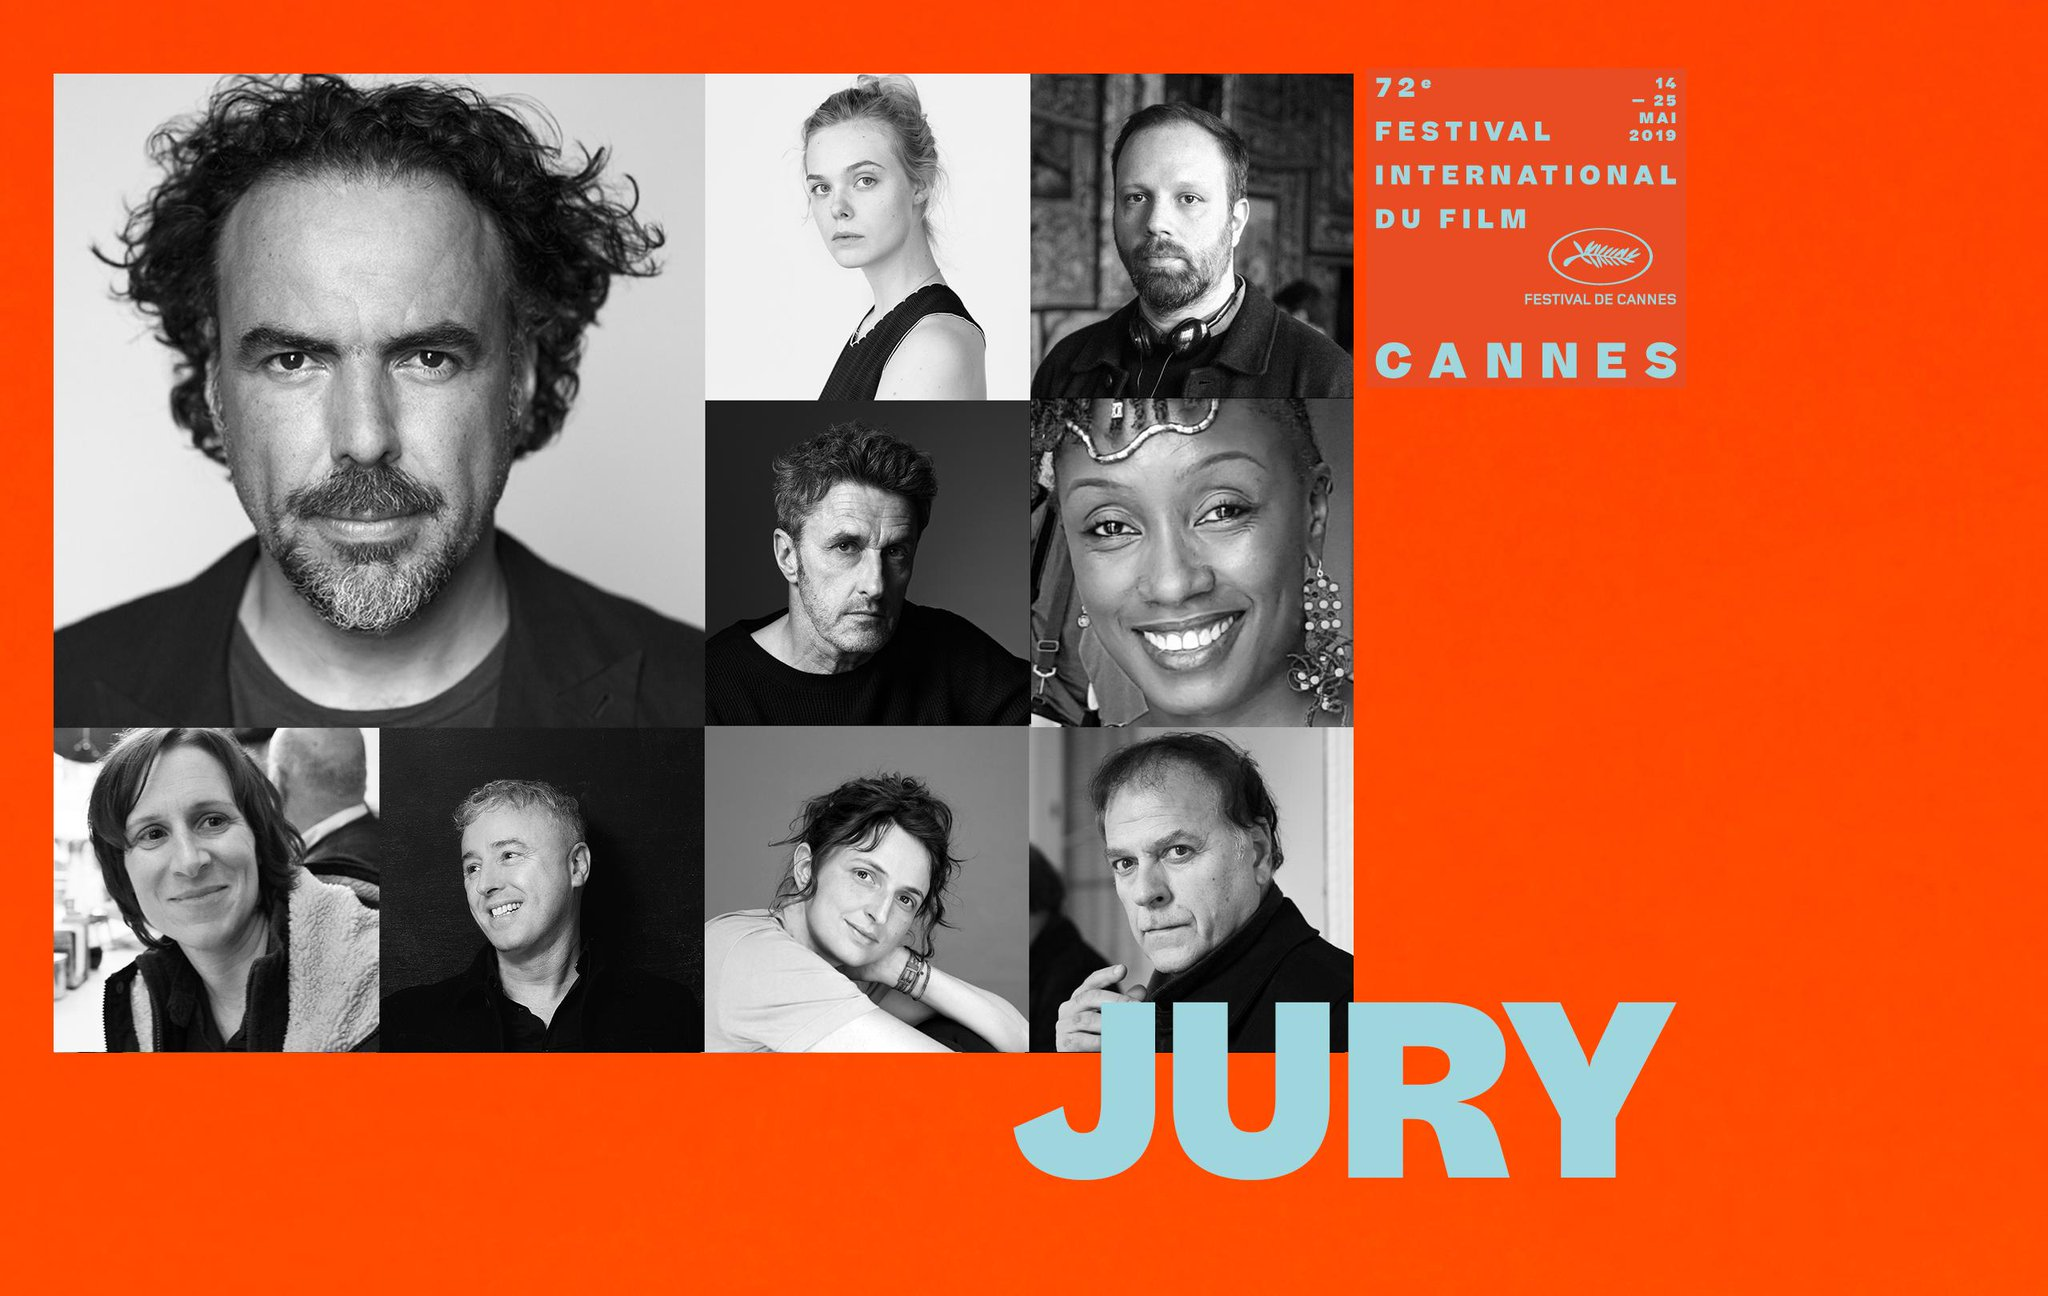 Chilango - Este jurado acompañará a Iñárritu como presidente de Cannes